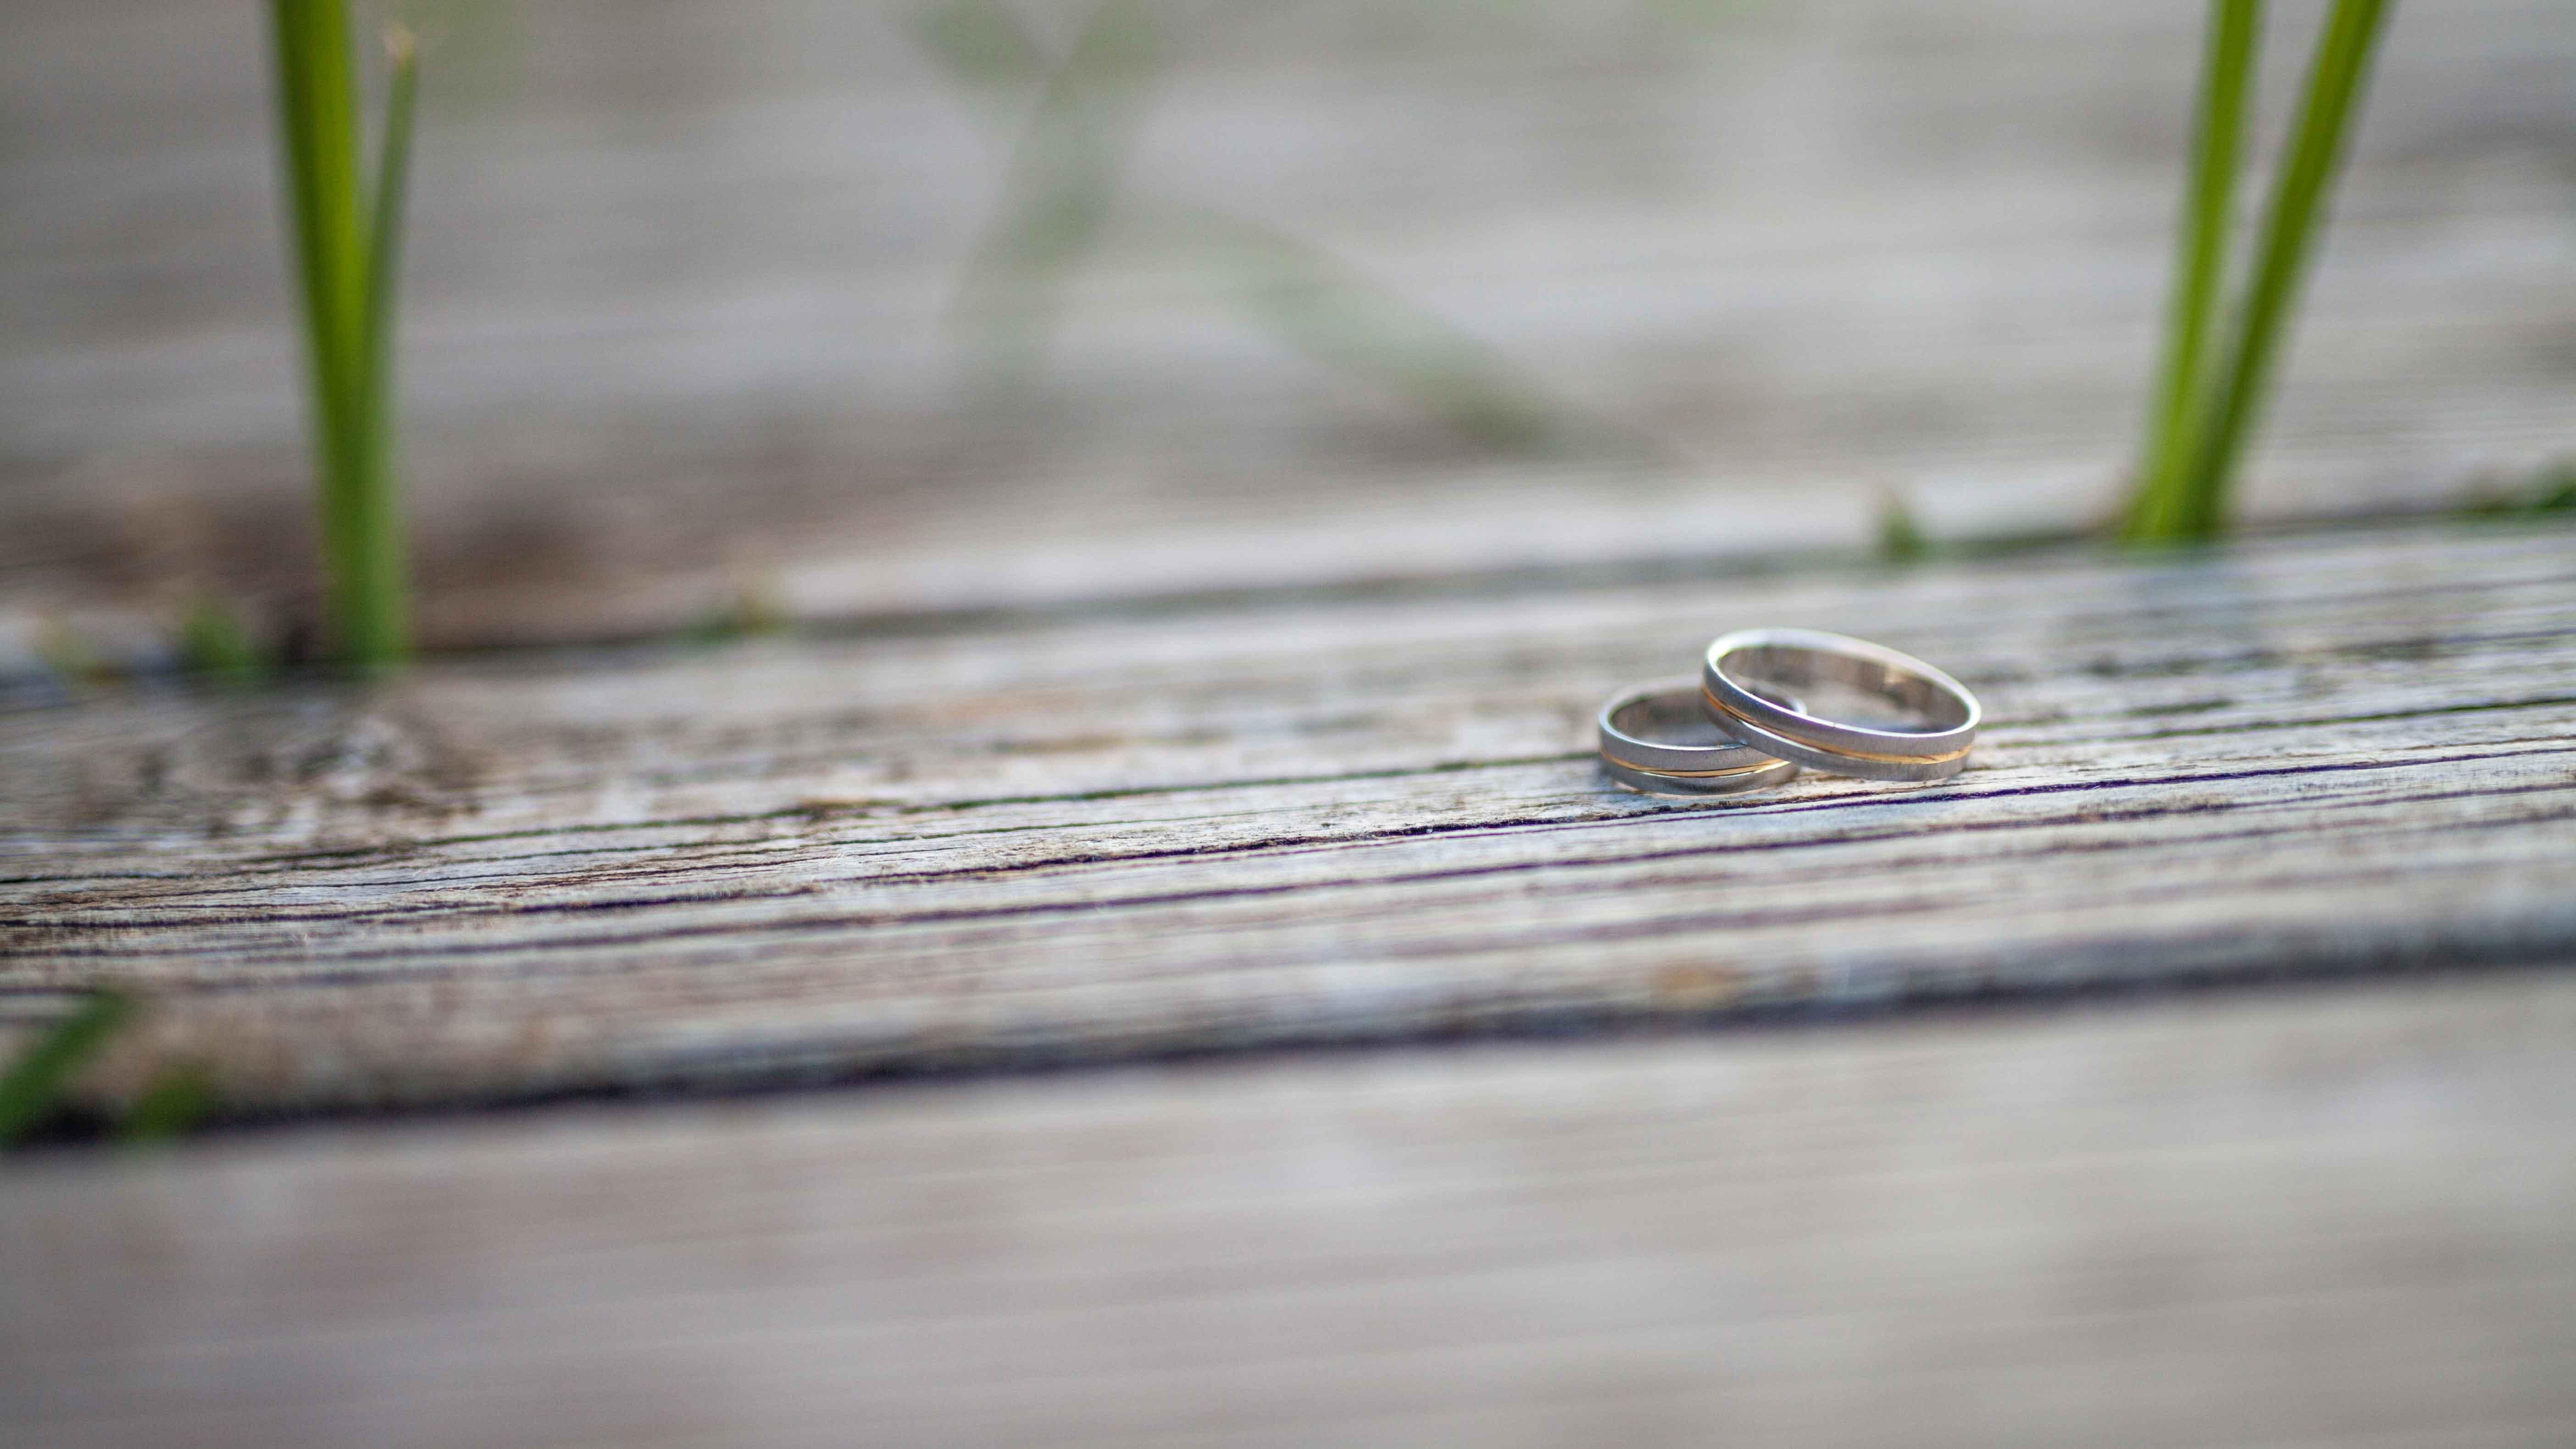 casament-anells-casats